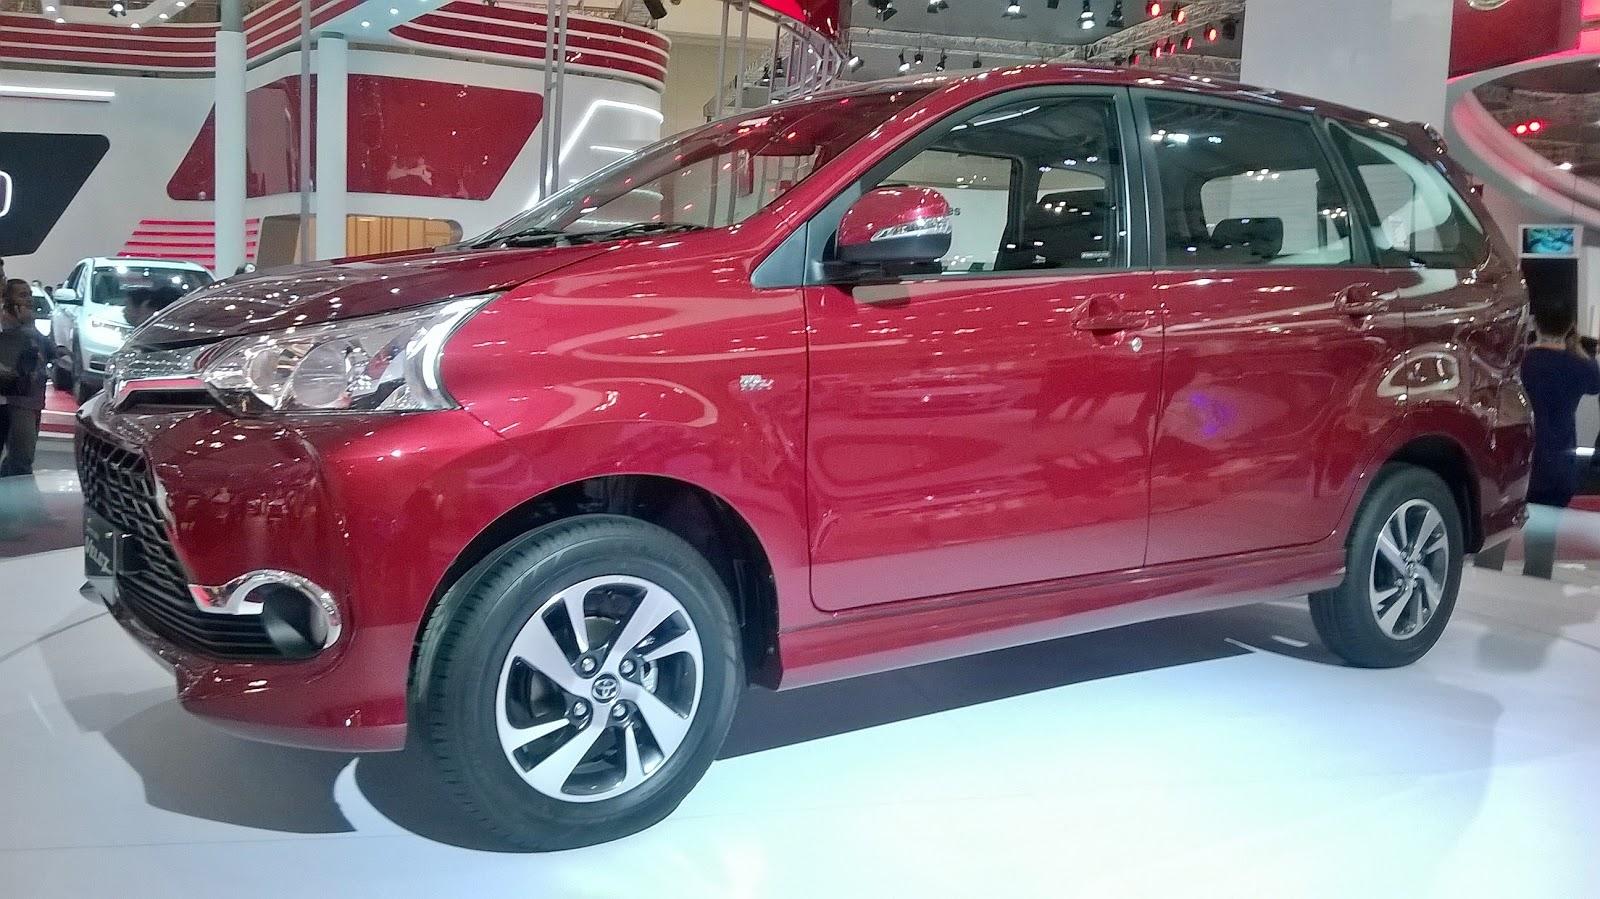 Fitur Grand New Veloz 1.3 Avanza G M/t Cara Cerdas Memilih Mobil Keluarga Didno76